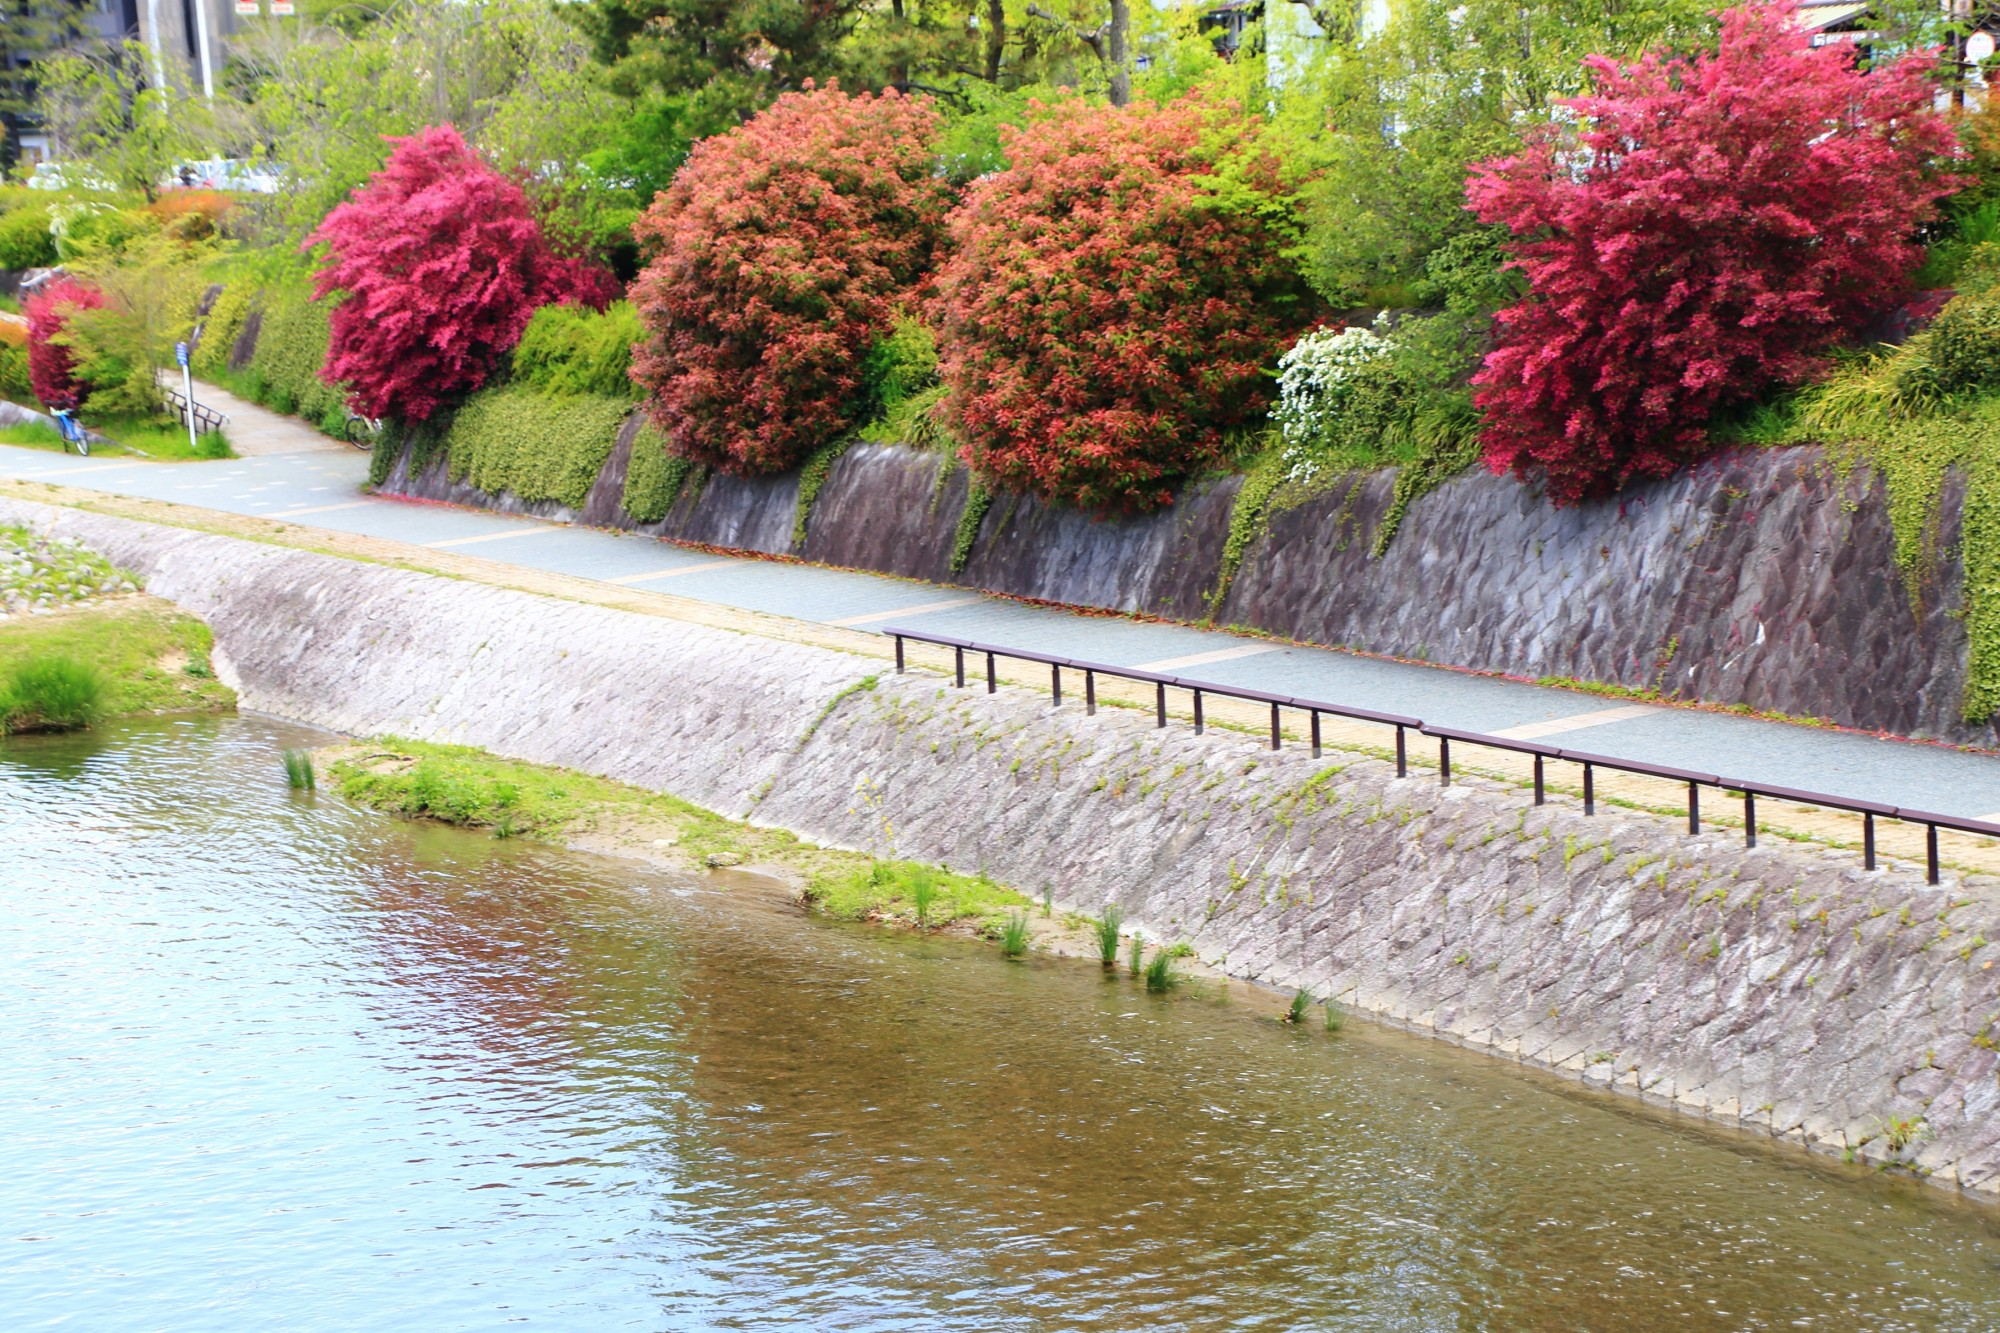 鴨川 紅花常磐万作と小手毬 春の華やかな情景